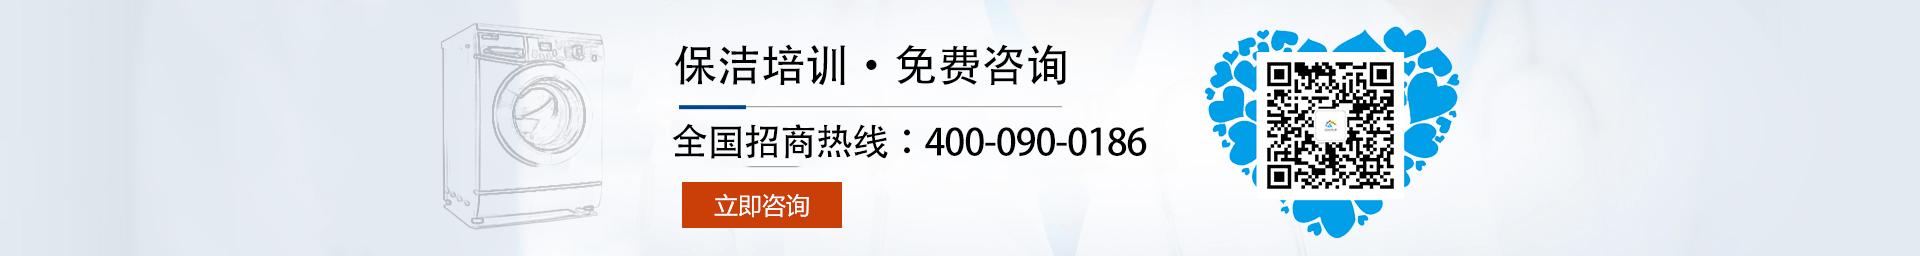 保洁万博彩票官网登录业务请联系我们,联系电话:400-090-0186